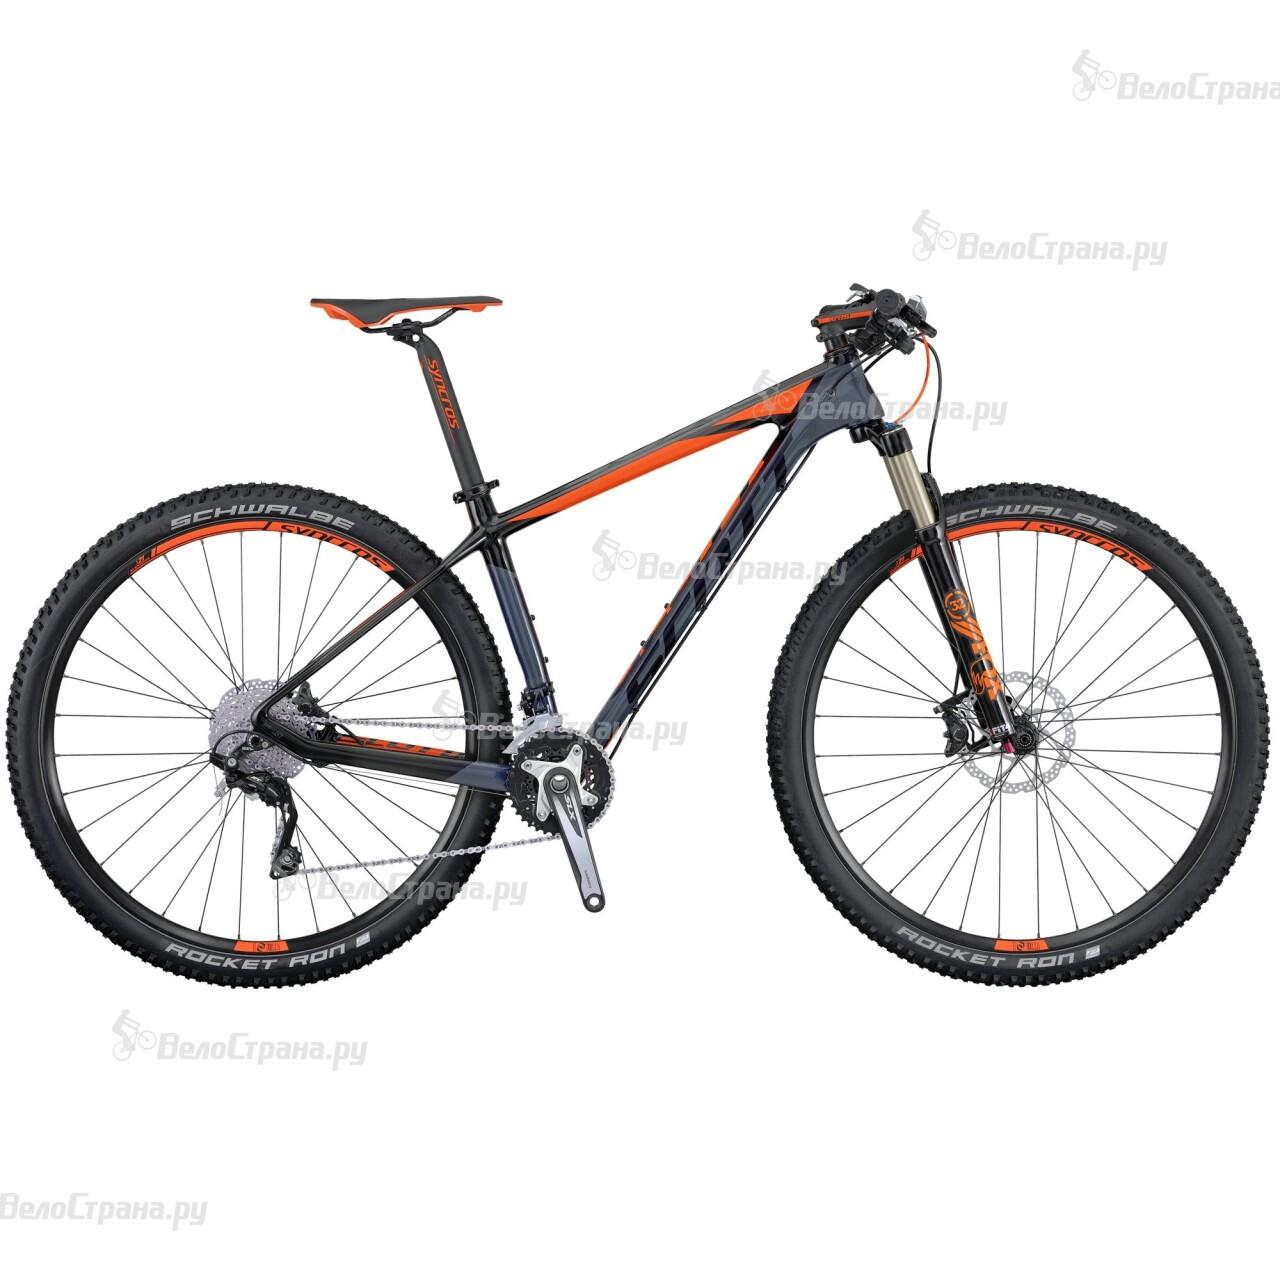 Велосипед Scott Scale 930 (2016) велосипед scott scale 700 premium 2015